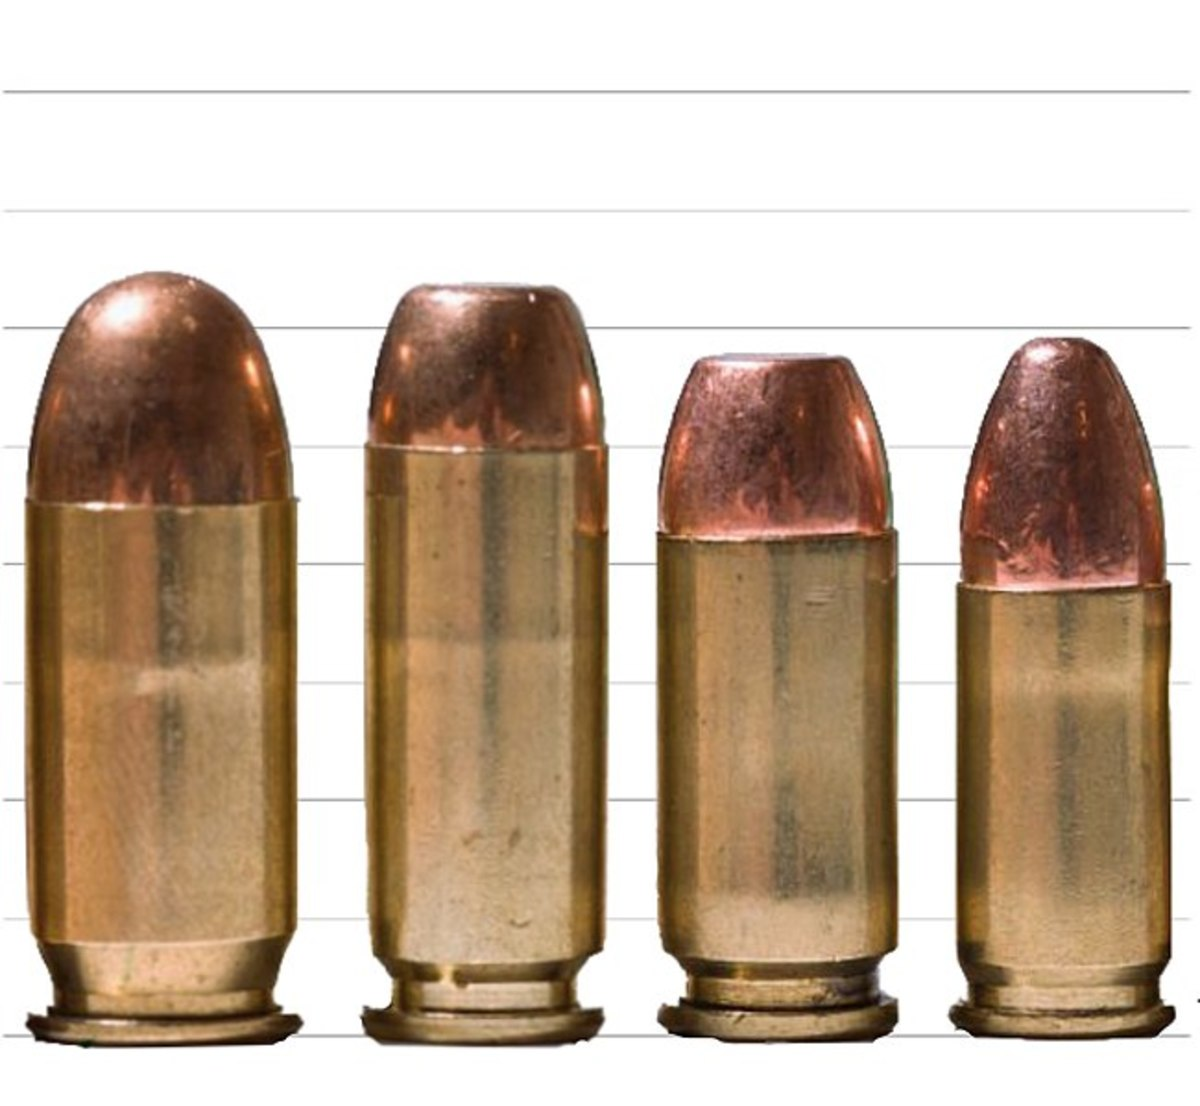 (L-R) .45 ACP, 10mm, .40 S&W, 9x19mm